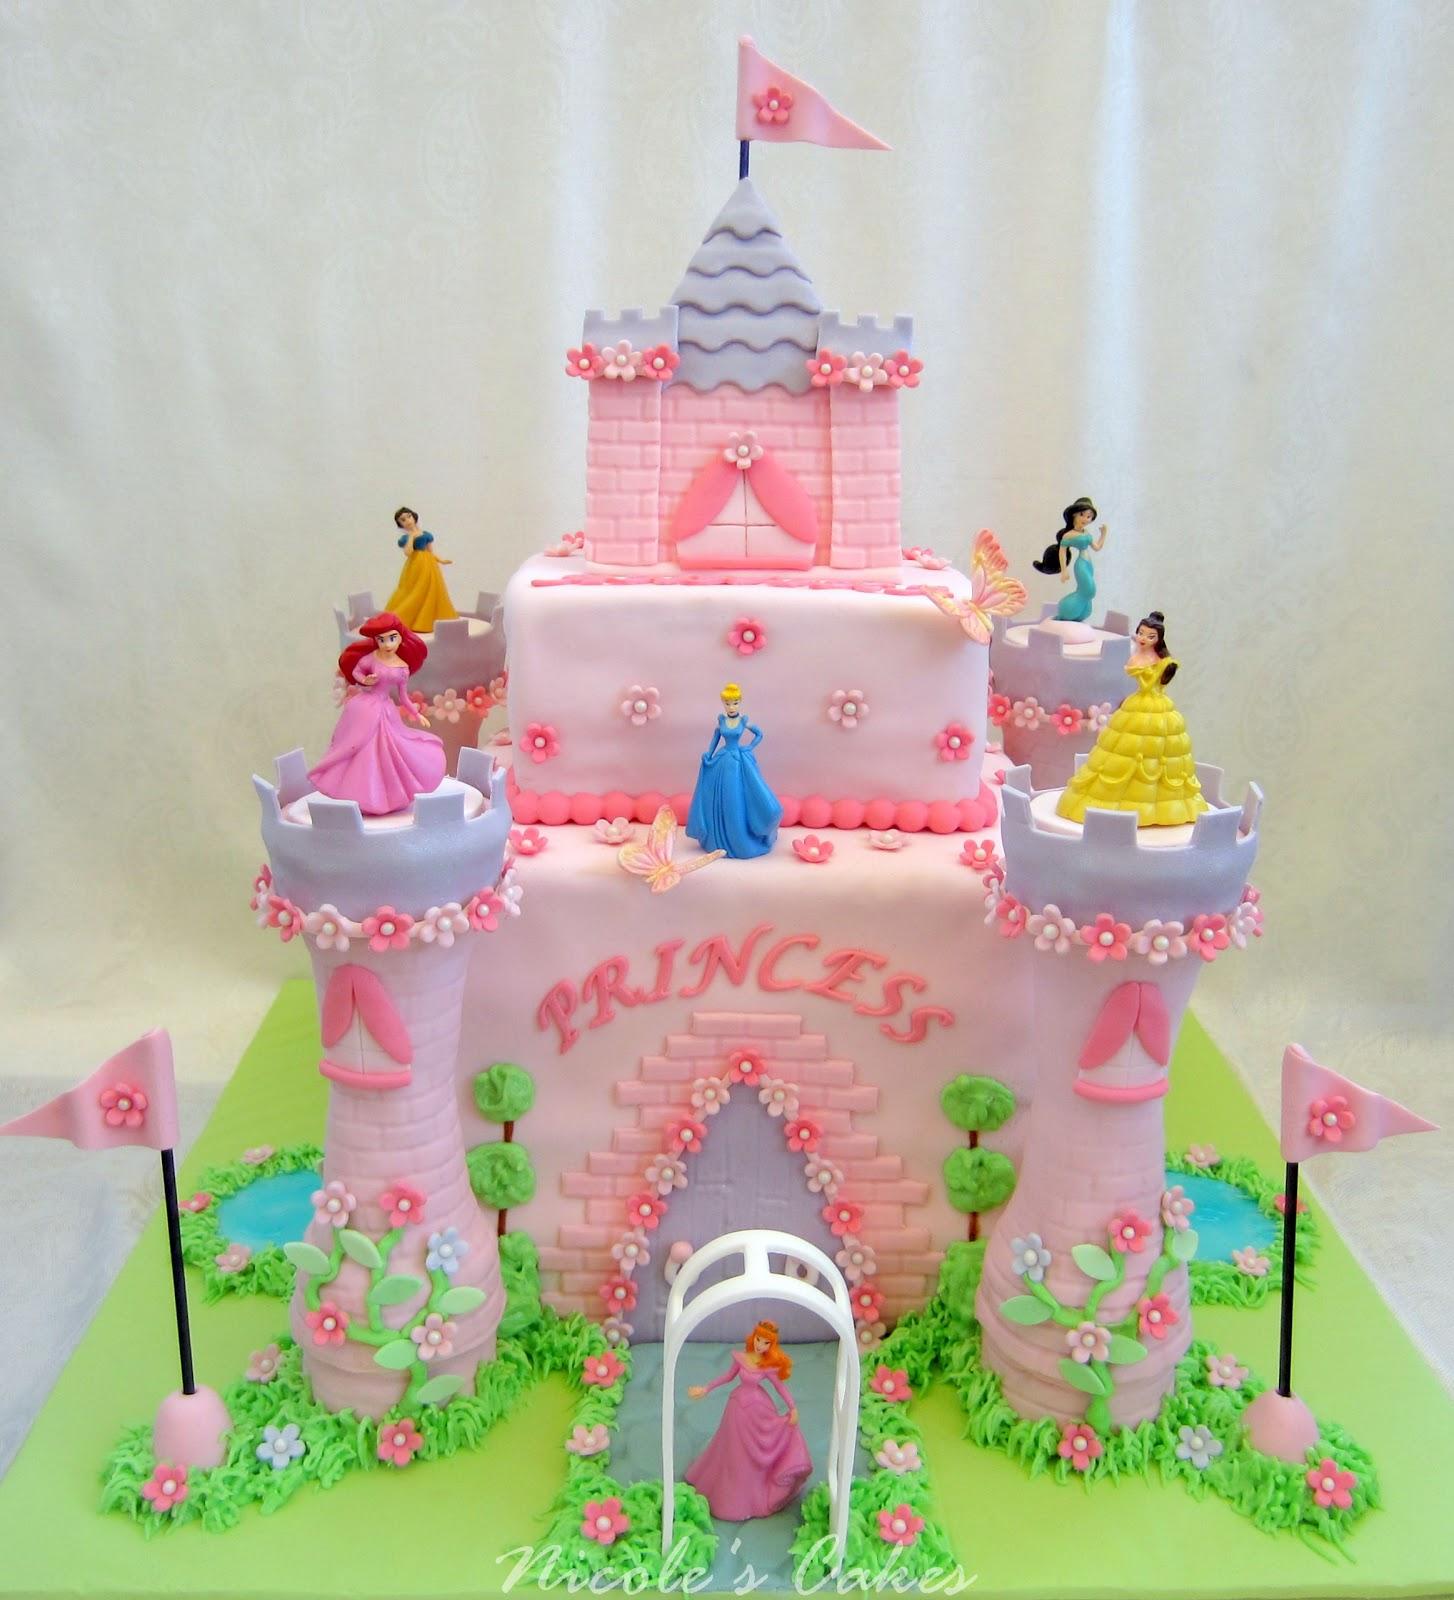 Birthday Cake Images Of Princess : On Birthday Cakes: Princess Castle Cake